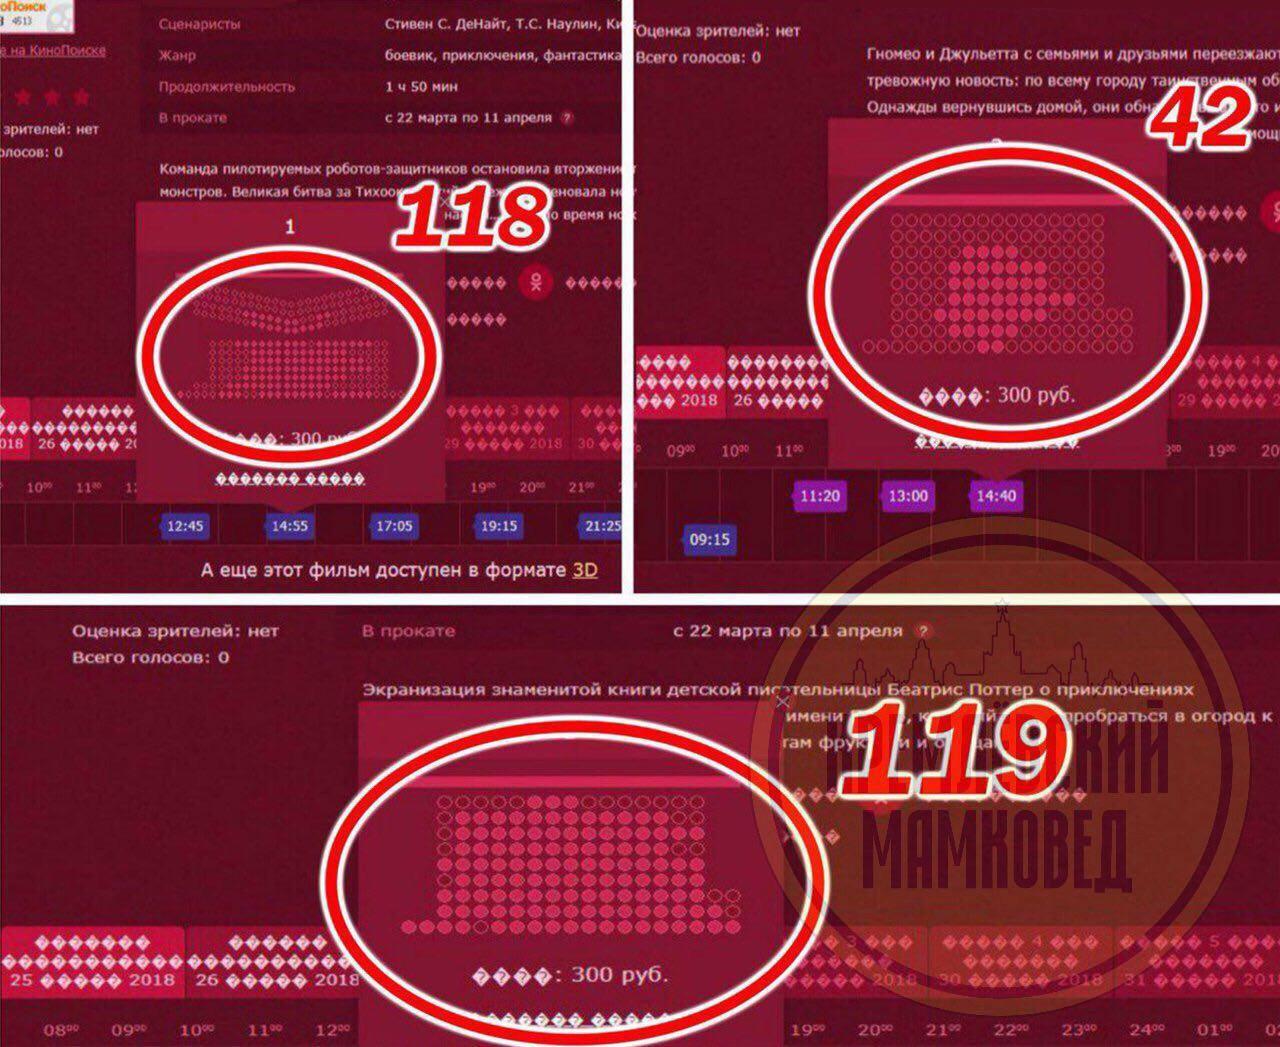 Число проданных билетов в три кинозала